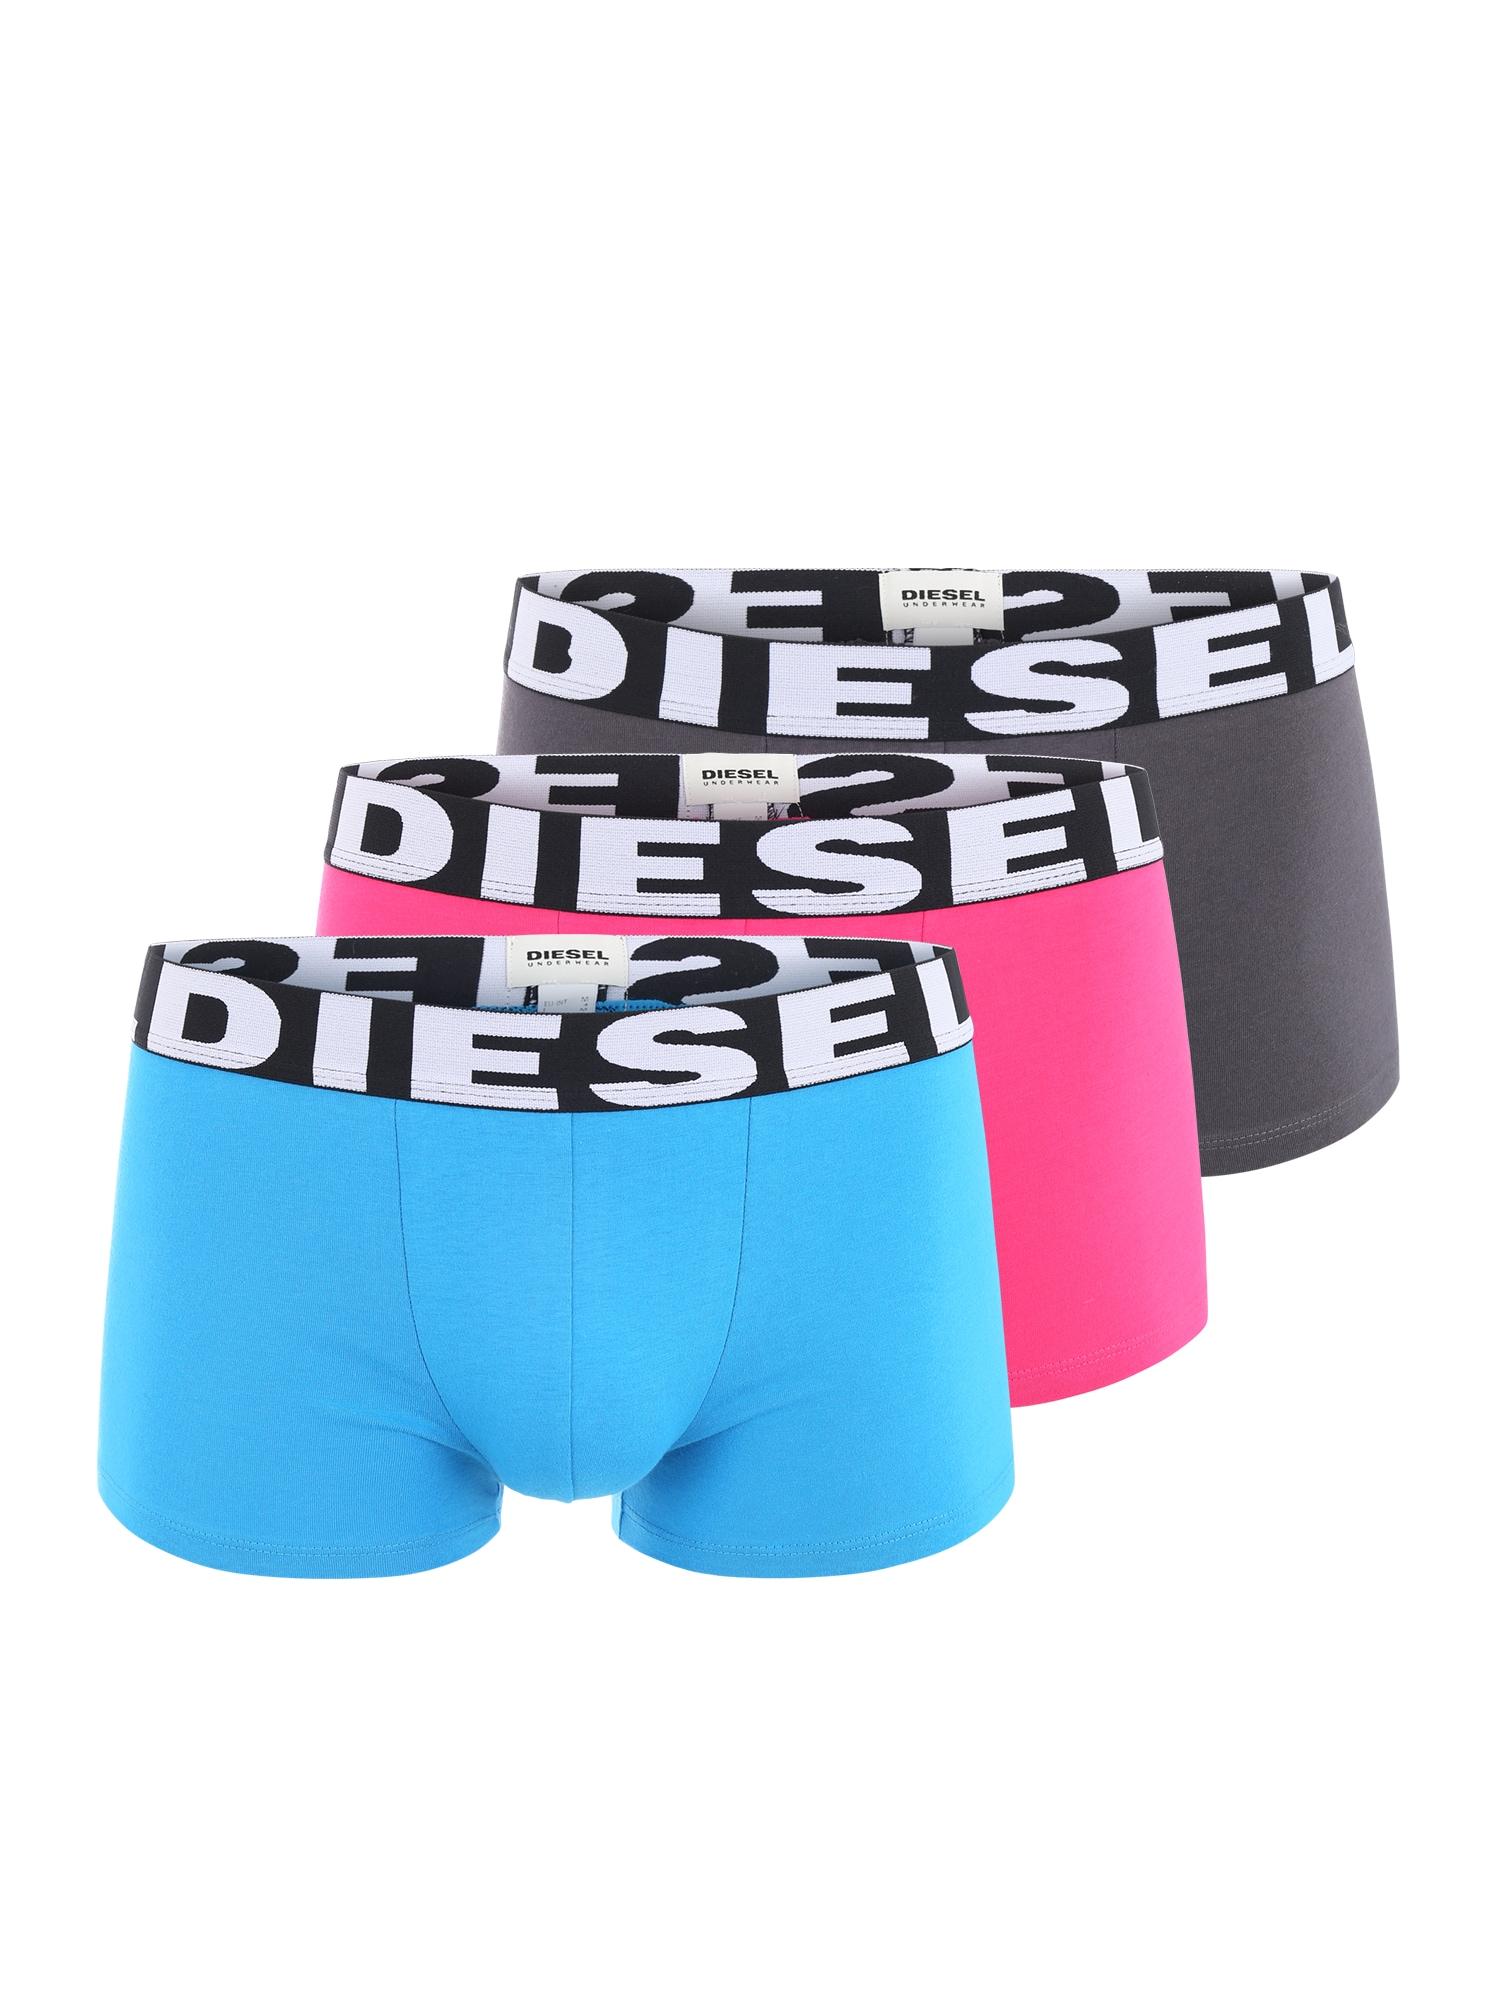 DIESEL Heren Boxershorts blauw pink zwart